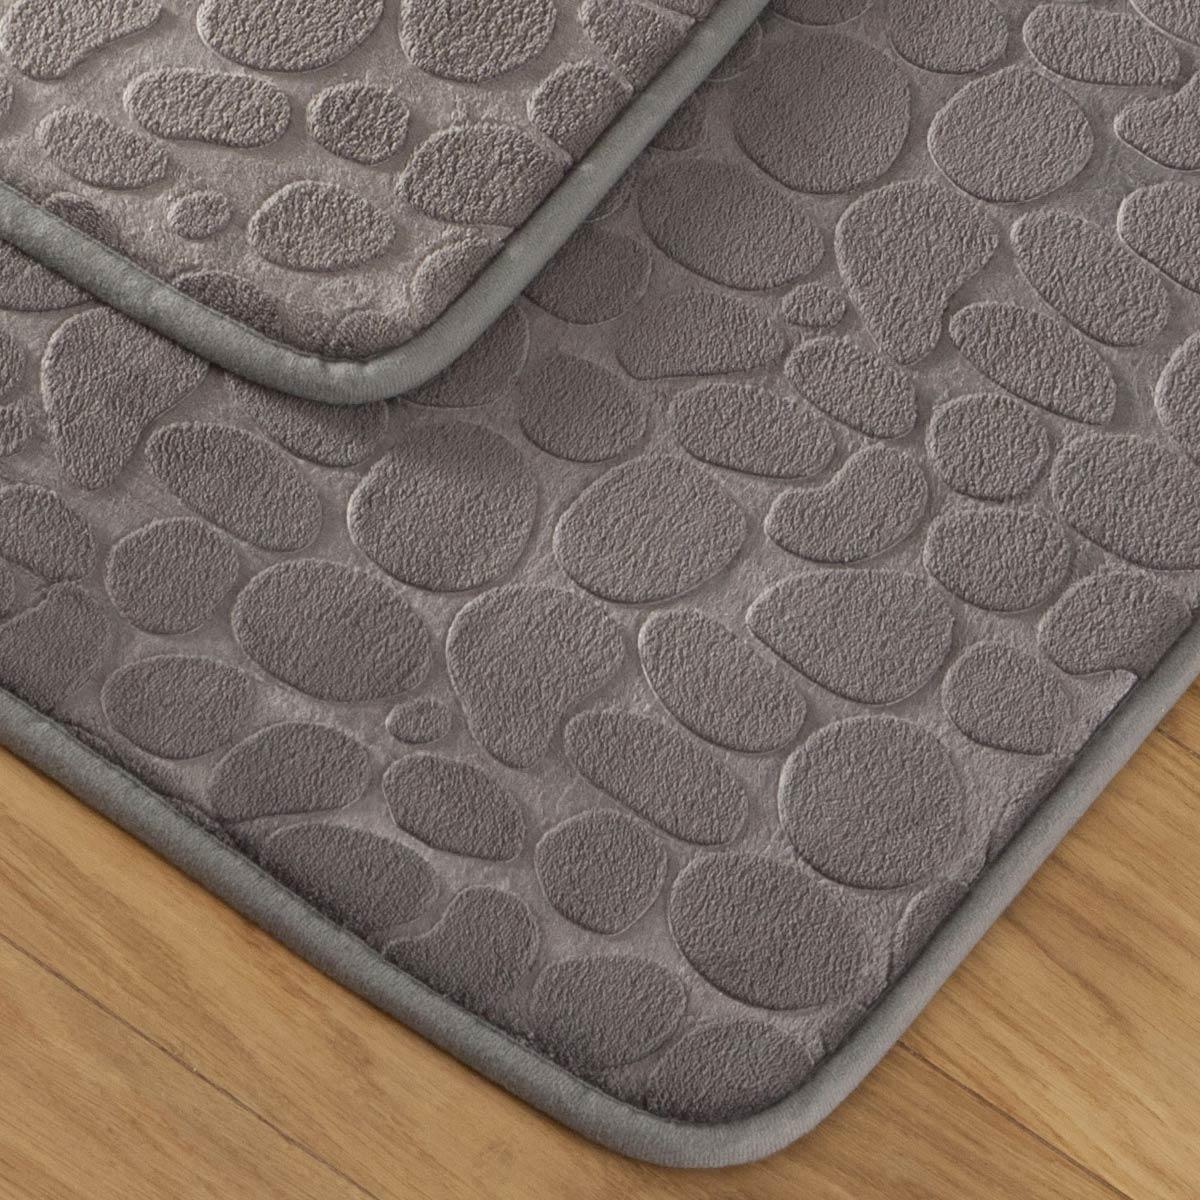 tapis bain galet gris linge de maison de qualit tradition des vosges. Black Bedroom Furniture Sets. Home Design Ideas